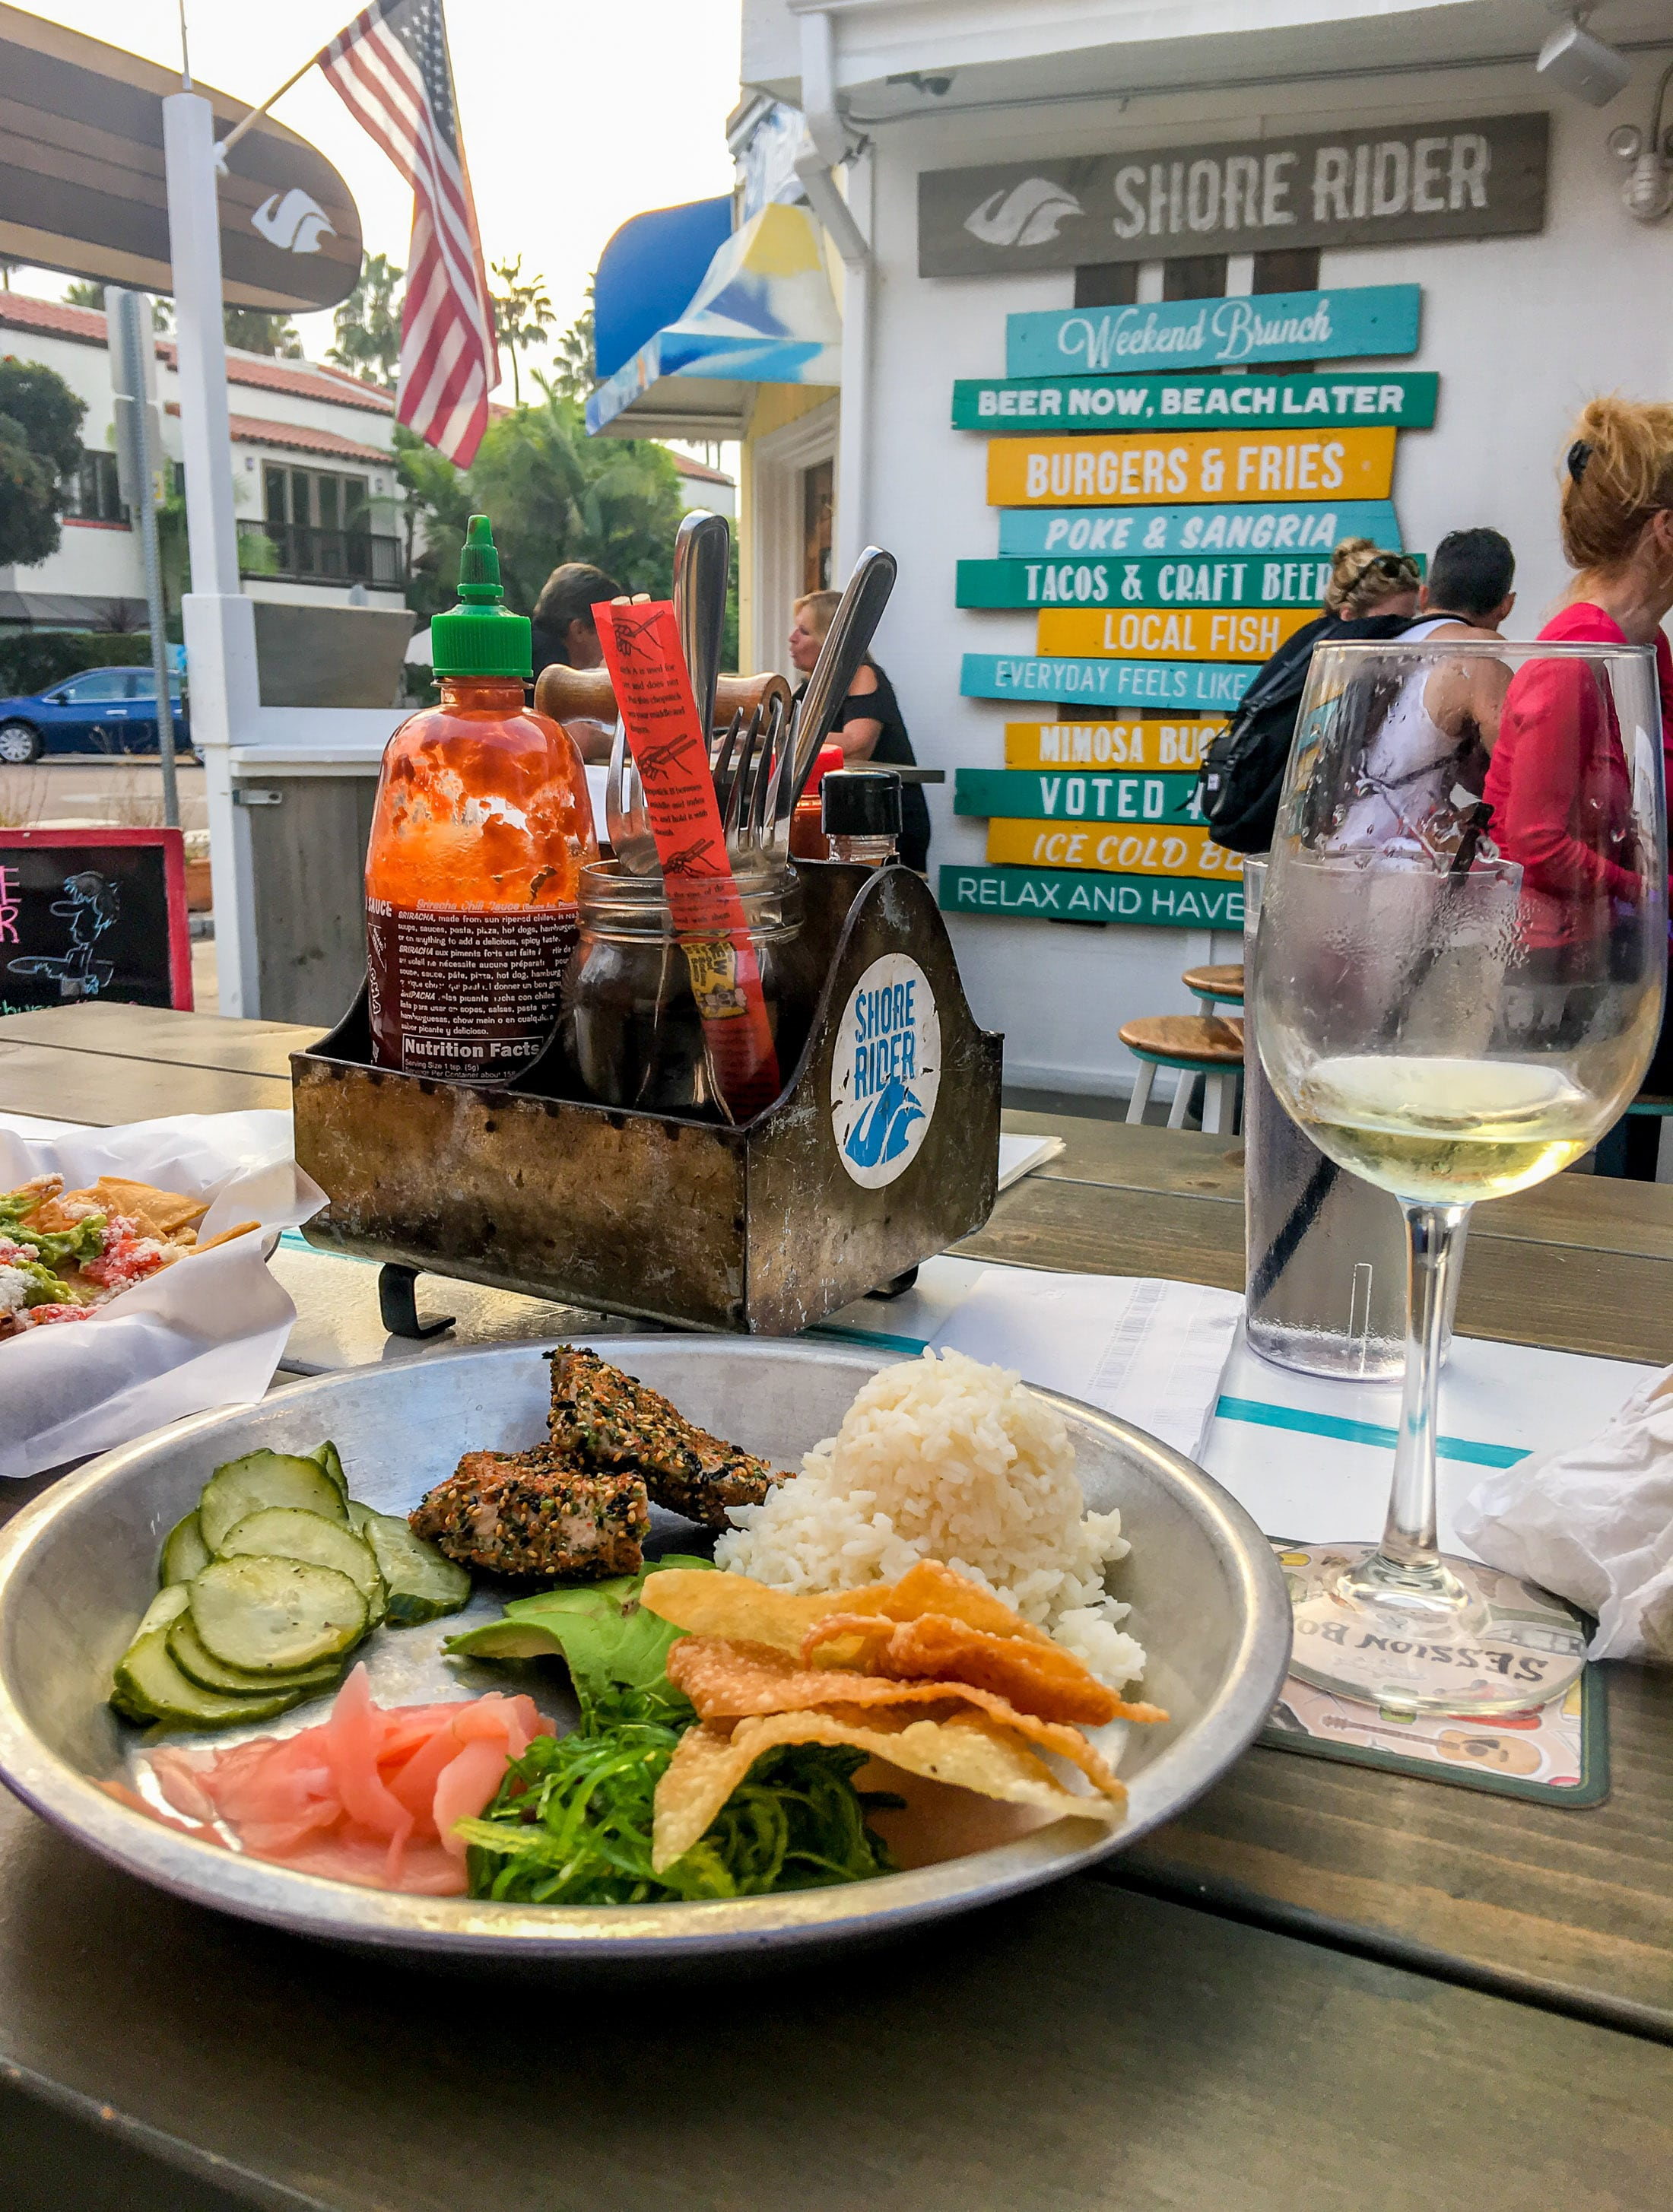 S Rider Restaurant In La Jolla Ss